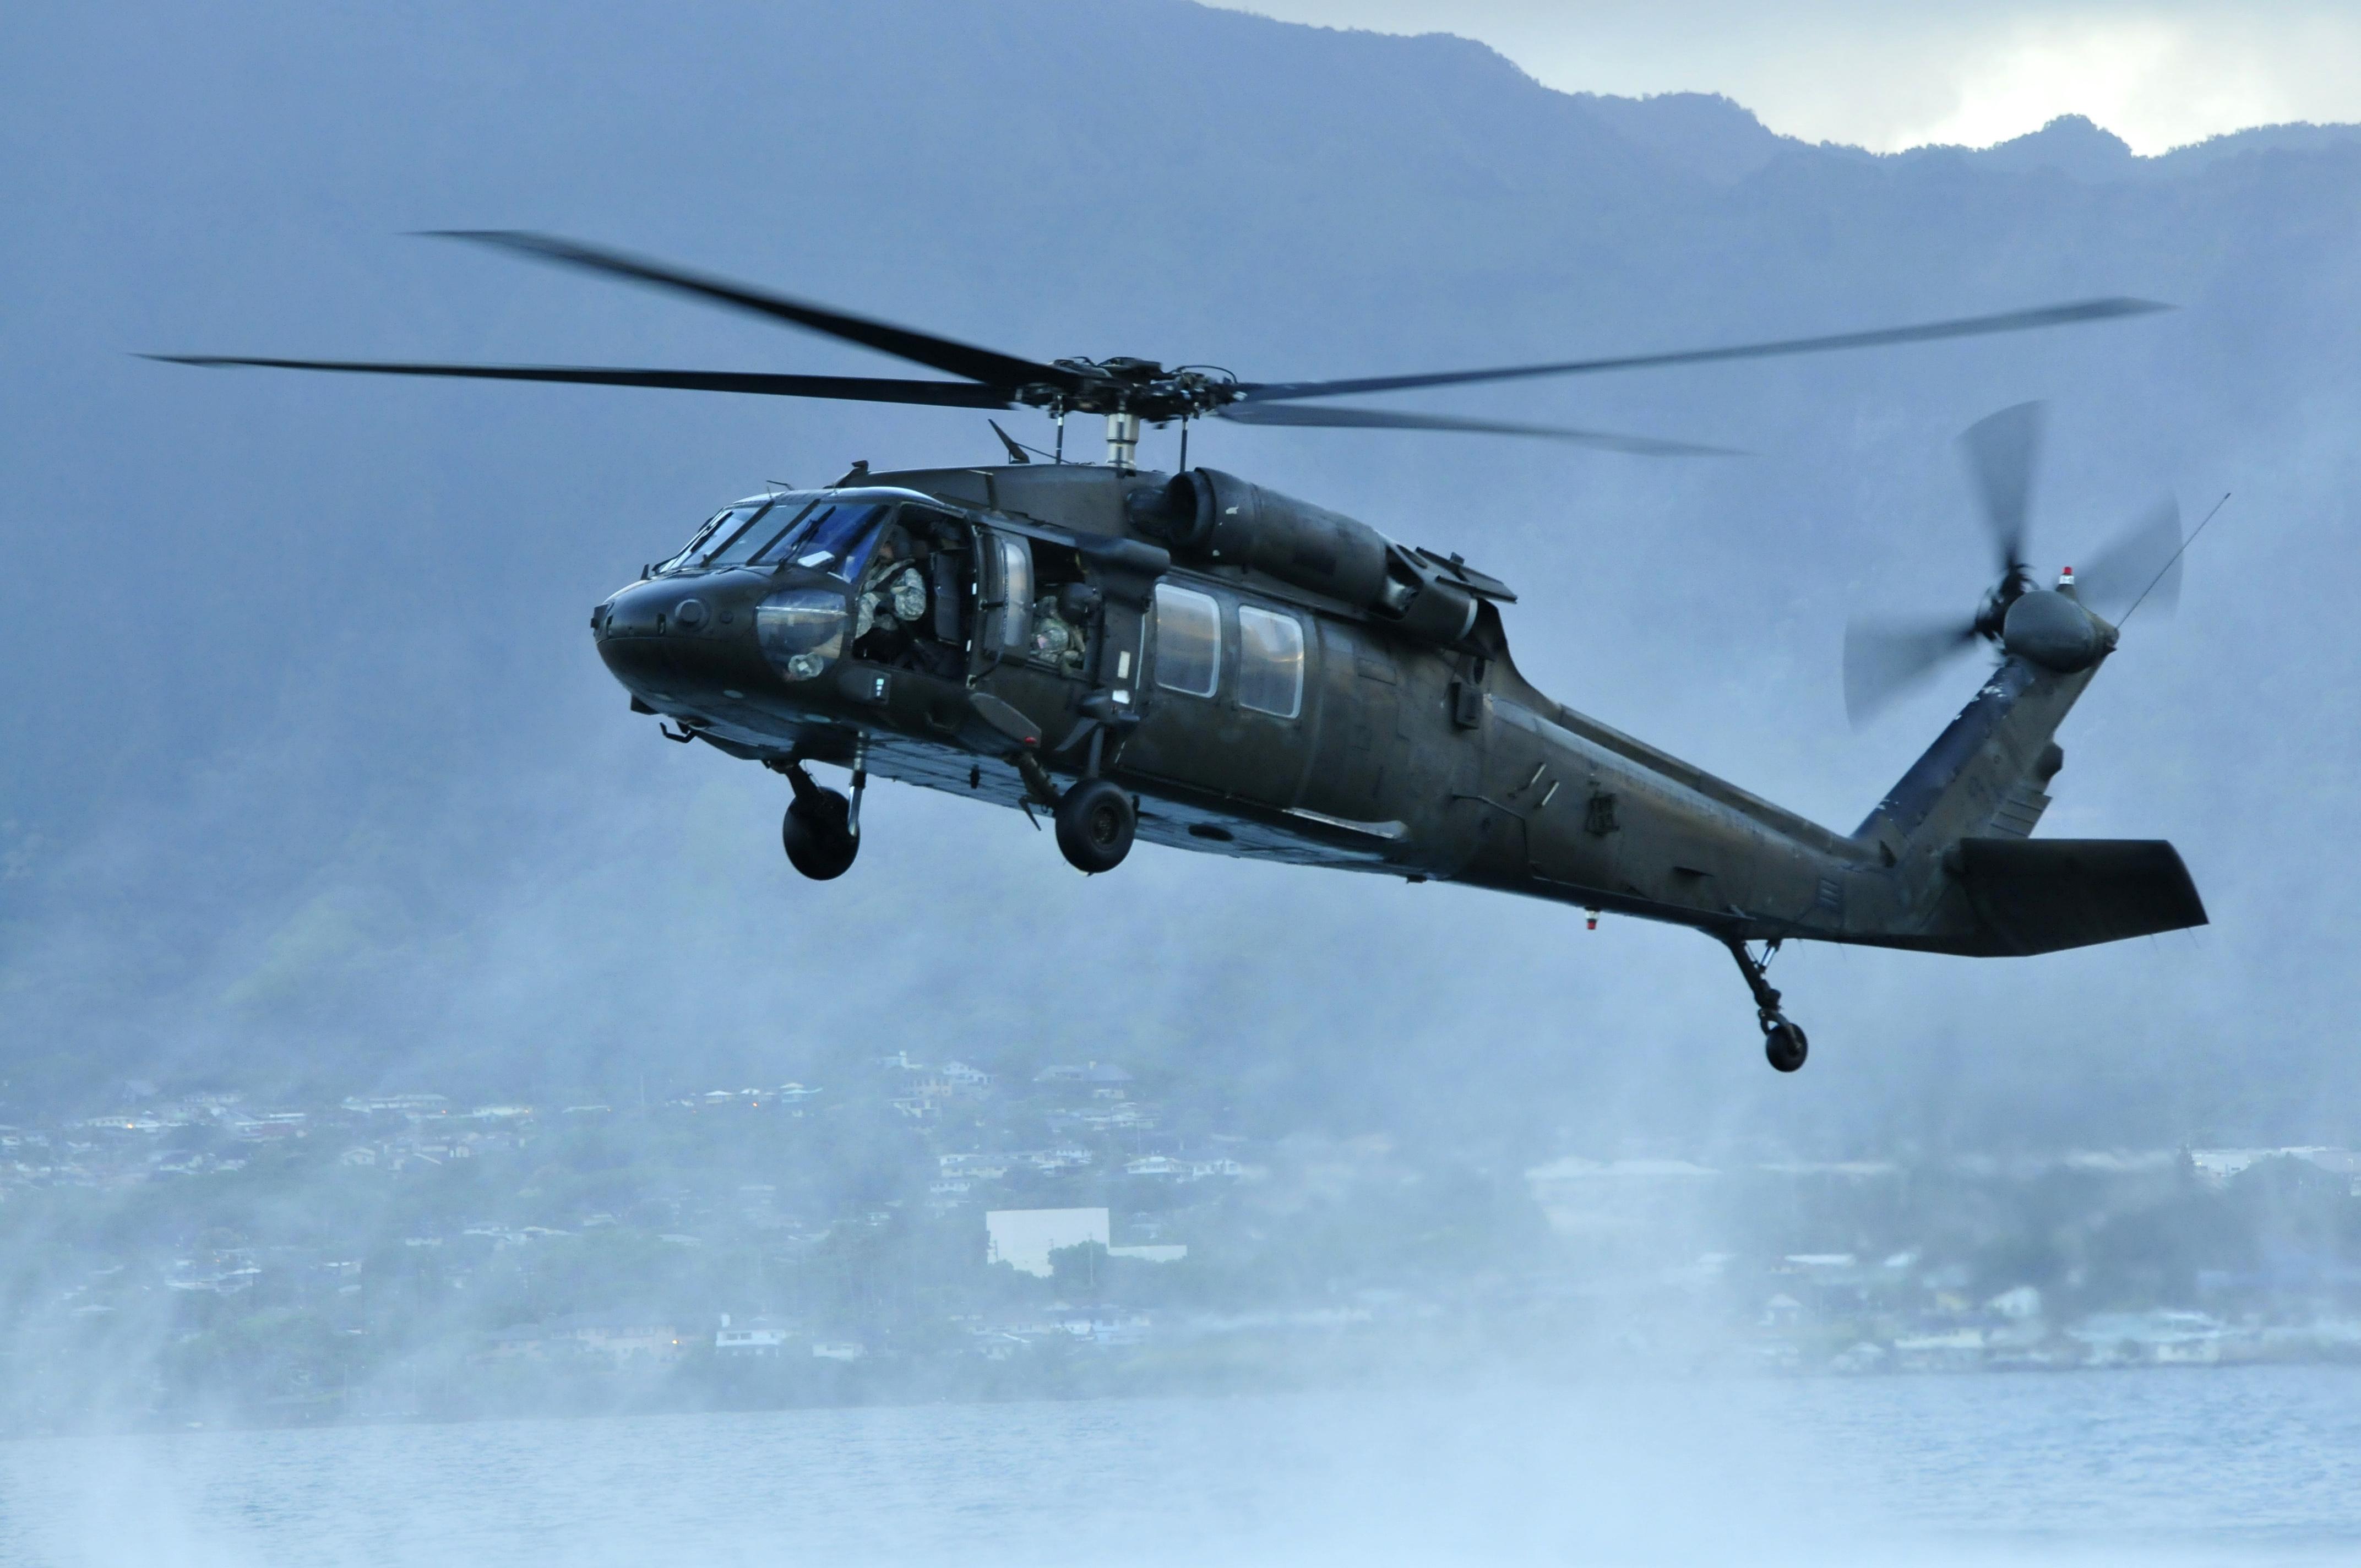 blackhawk helicopter - photo #24